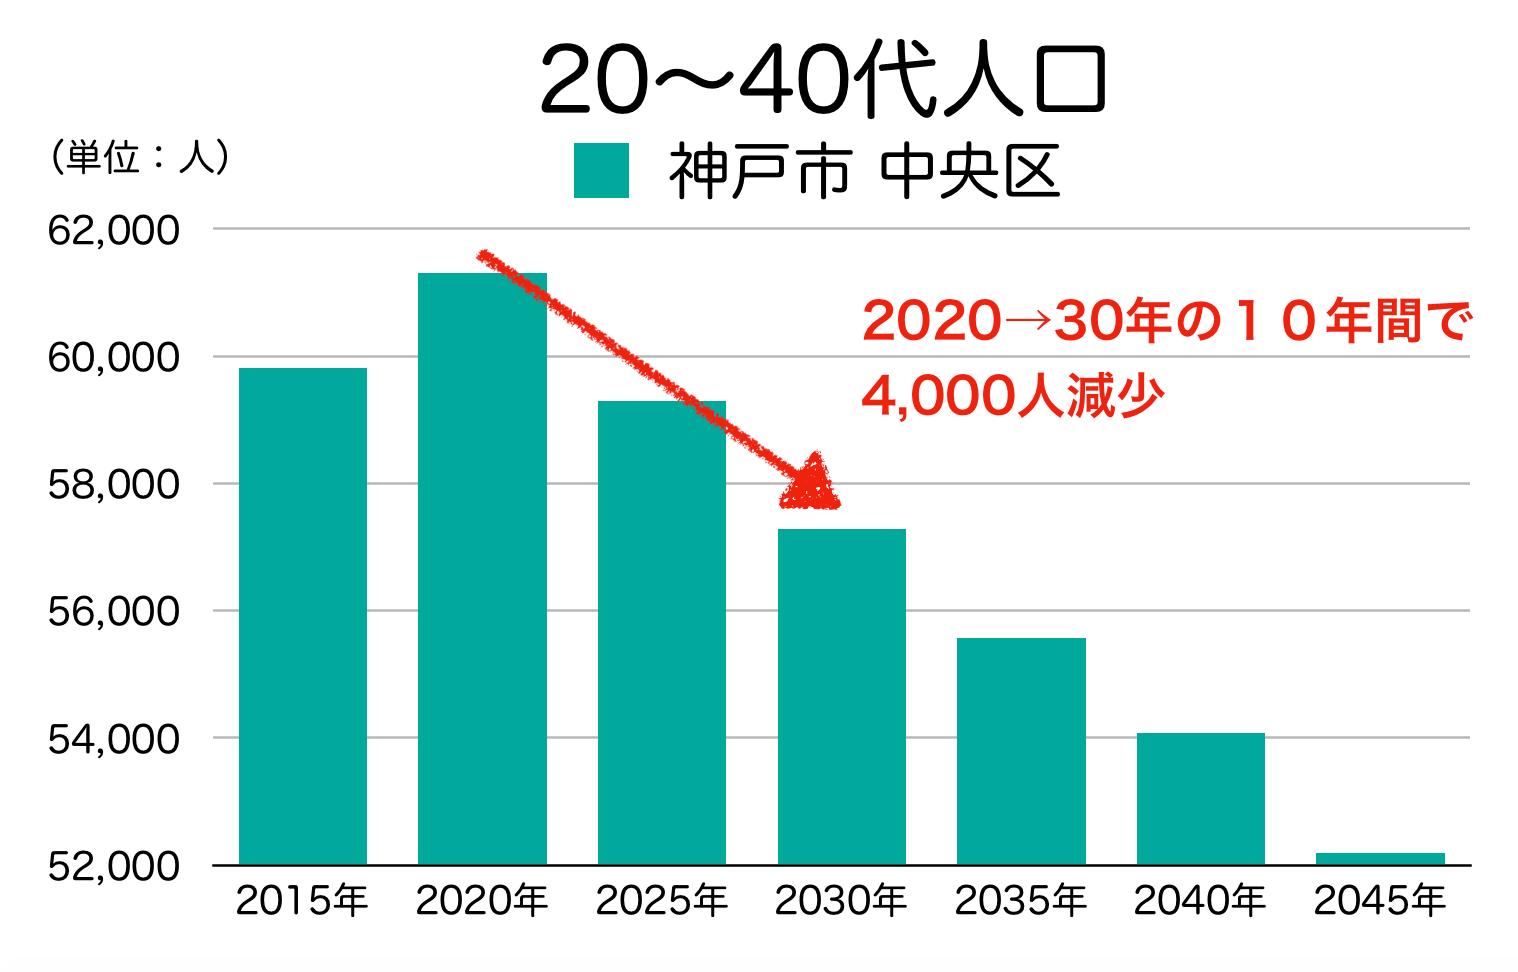 神戸市中央区の20〜40代人口の予測